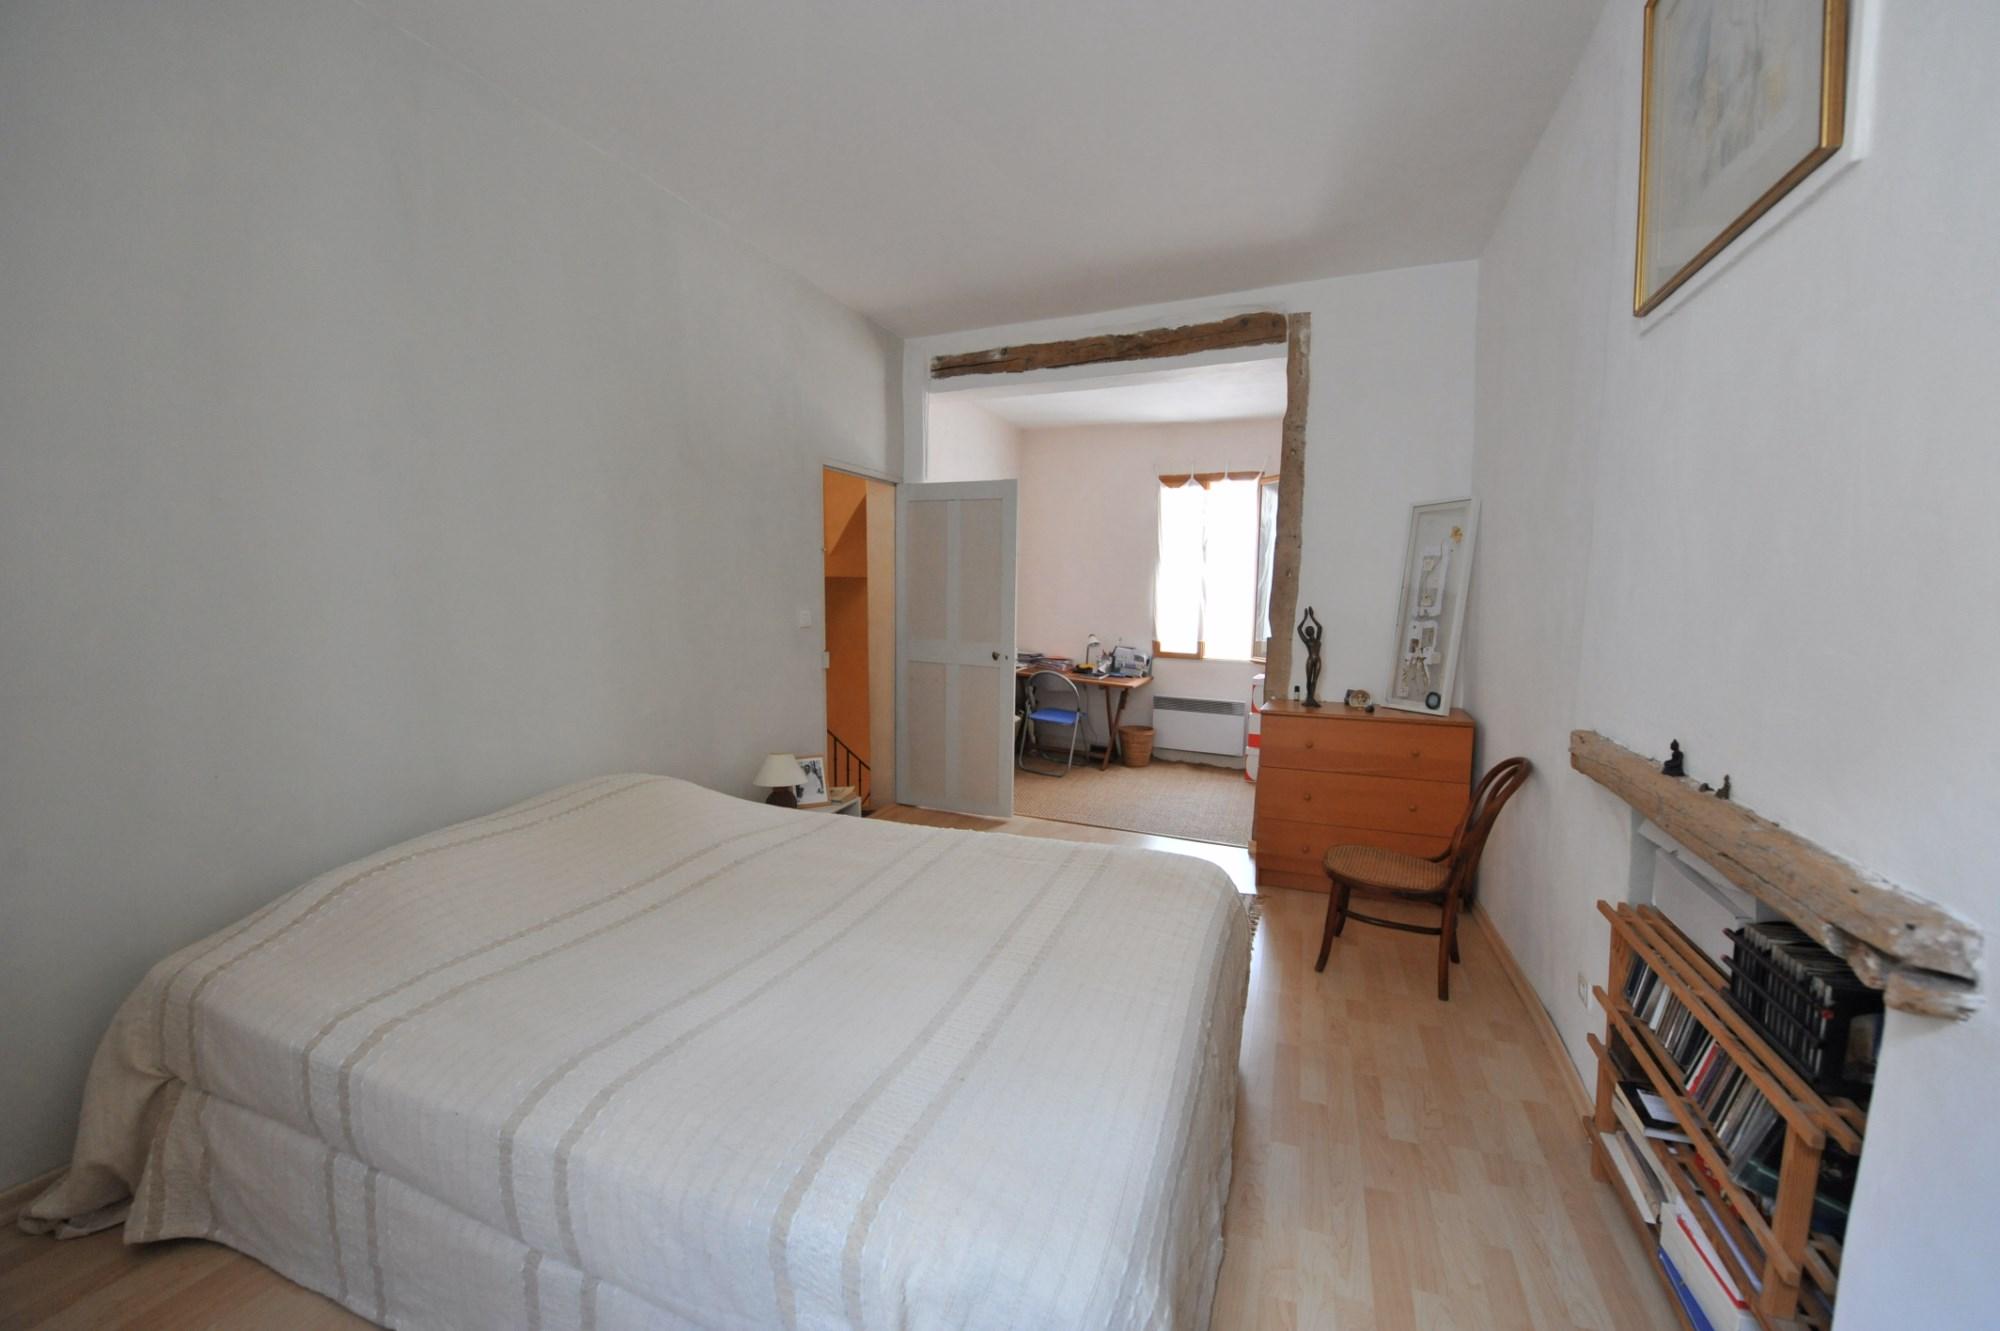 A vendre,  dans l'Isle sur Sorgue, maison avec patio, idéale pour profession libérale